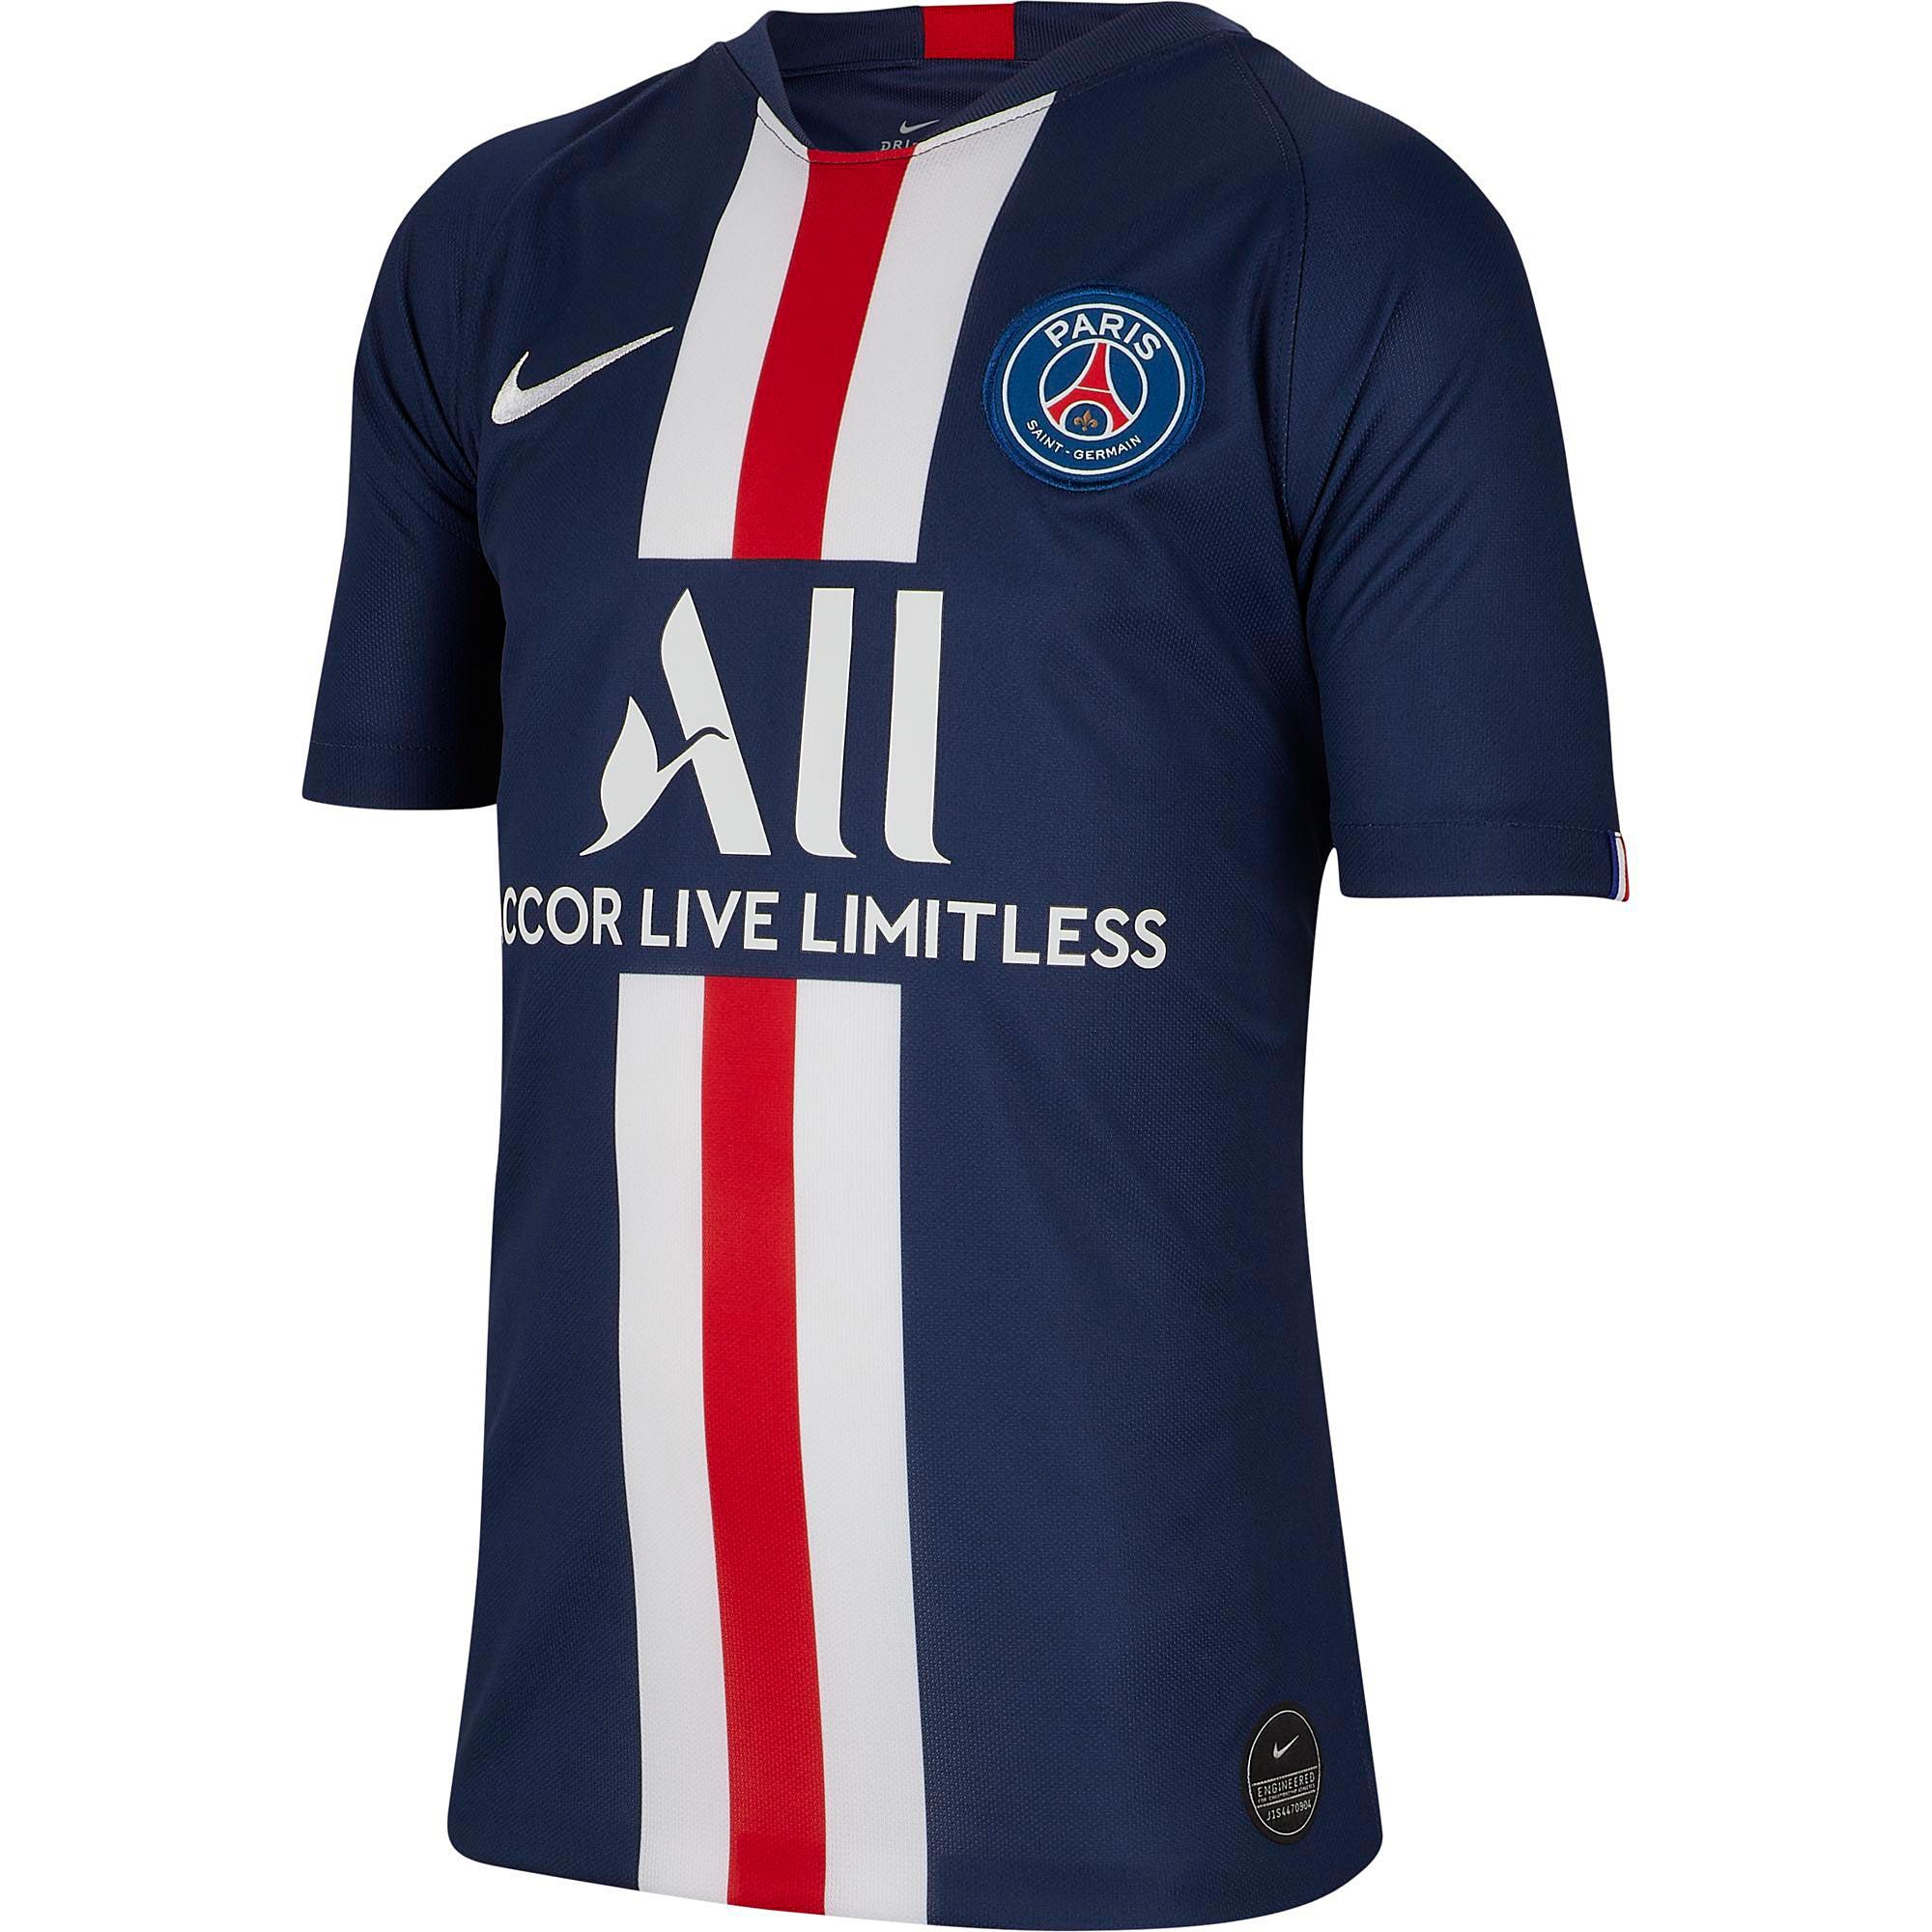 4e6034383113f Futbalové kluby (všetky) | Nike Paris Saint-Germain FC - PSG dres detský  (2019-2020), domáci + meno a číslo | SportFan.sk - Dresy a oblečenie  futbalových a ...